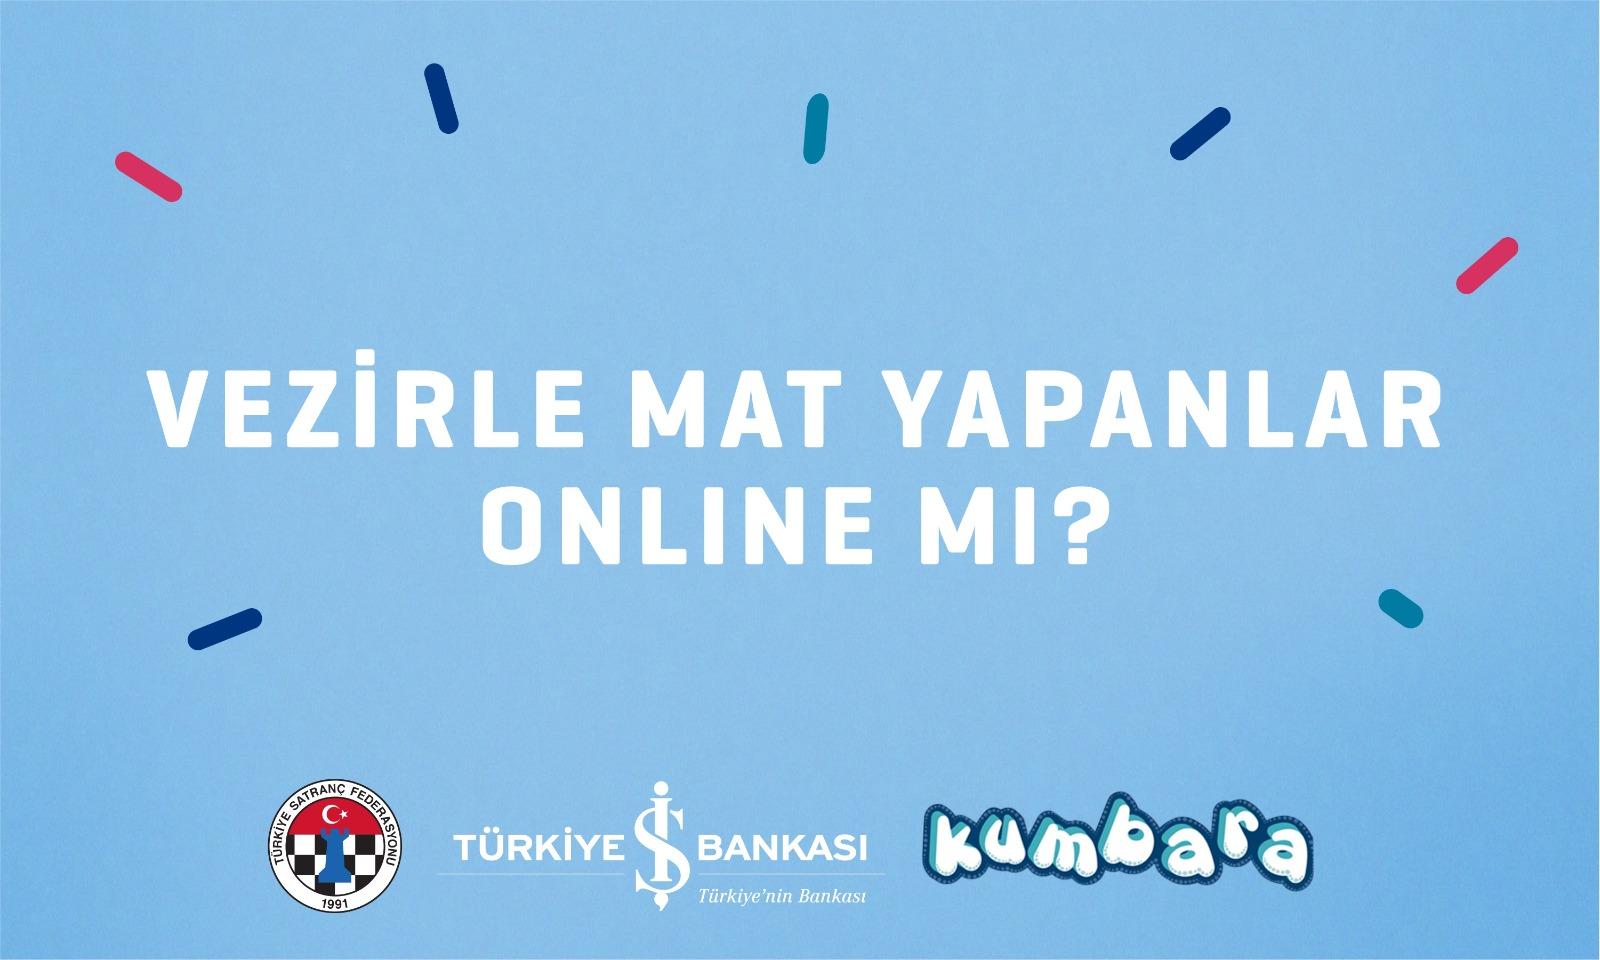 İş Bankası'ndan 23 Nisan'da çocuklar için online turnuva!